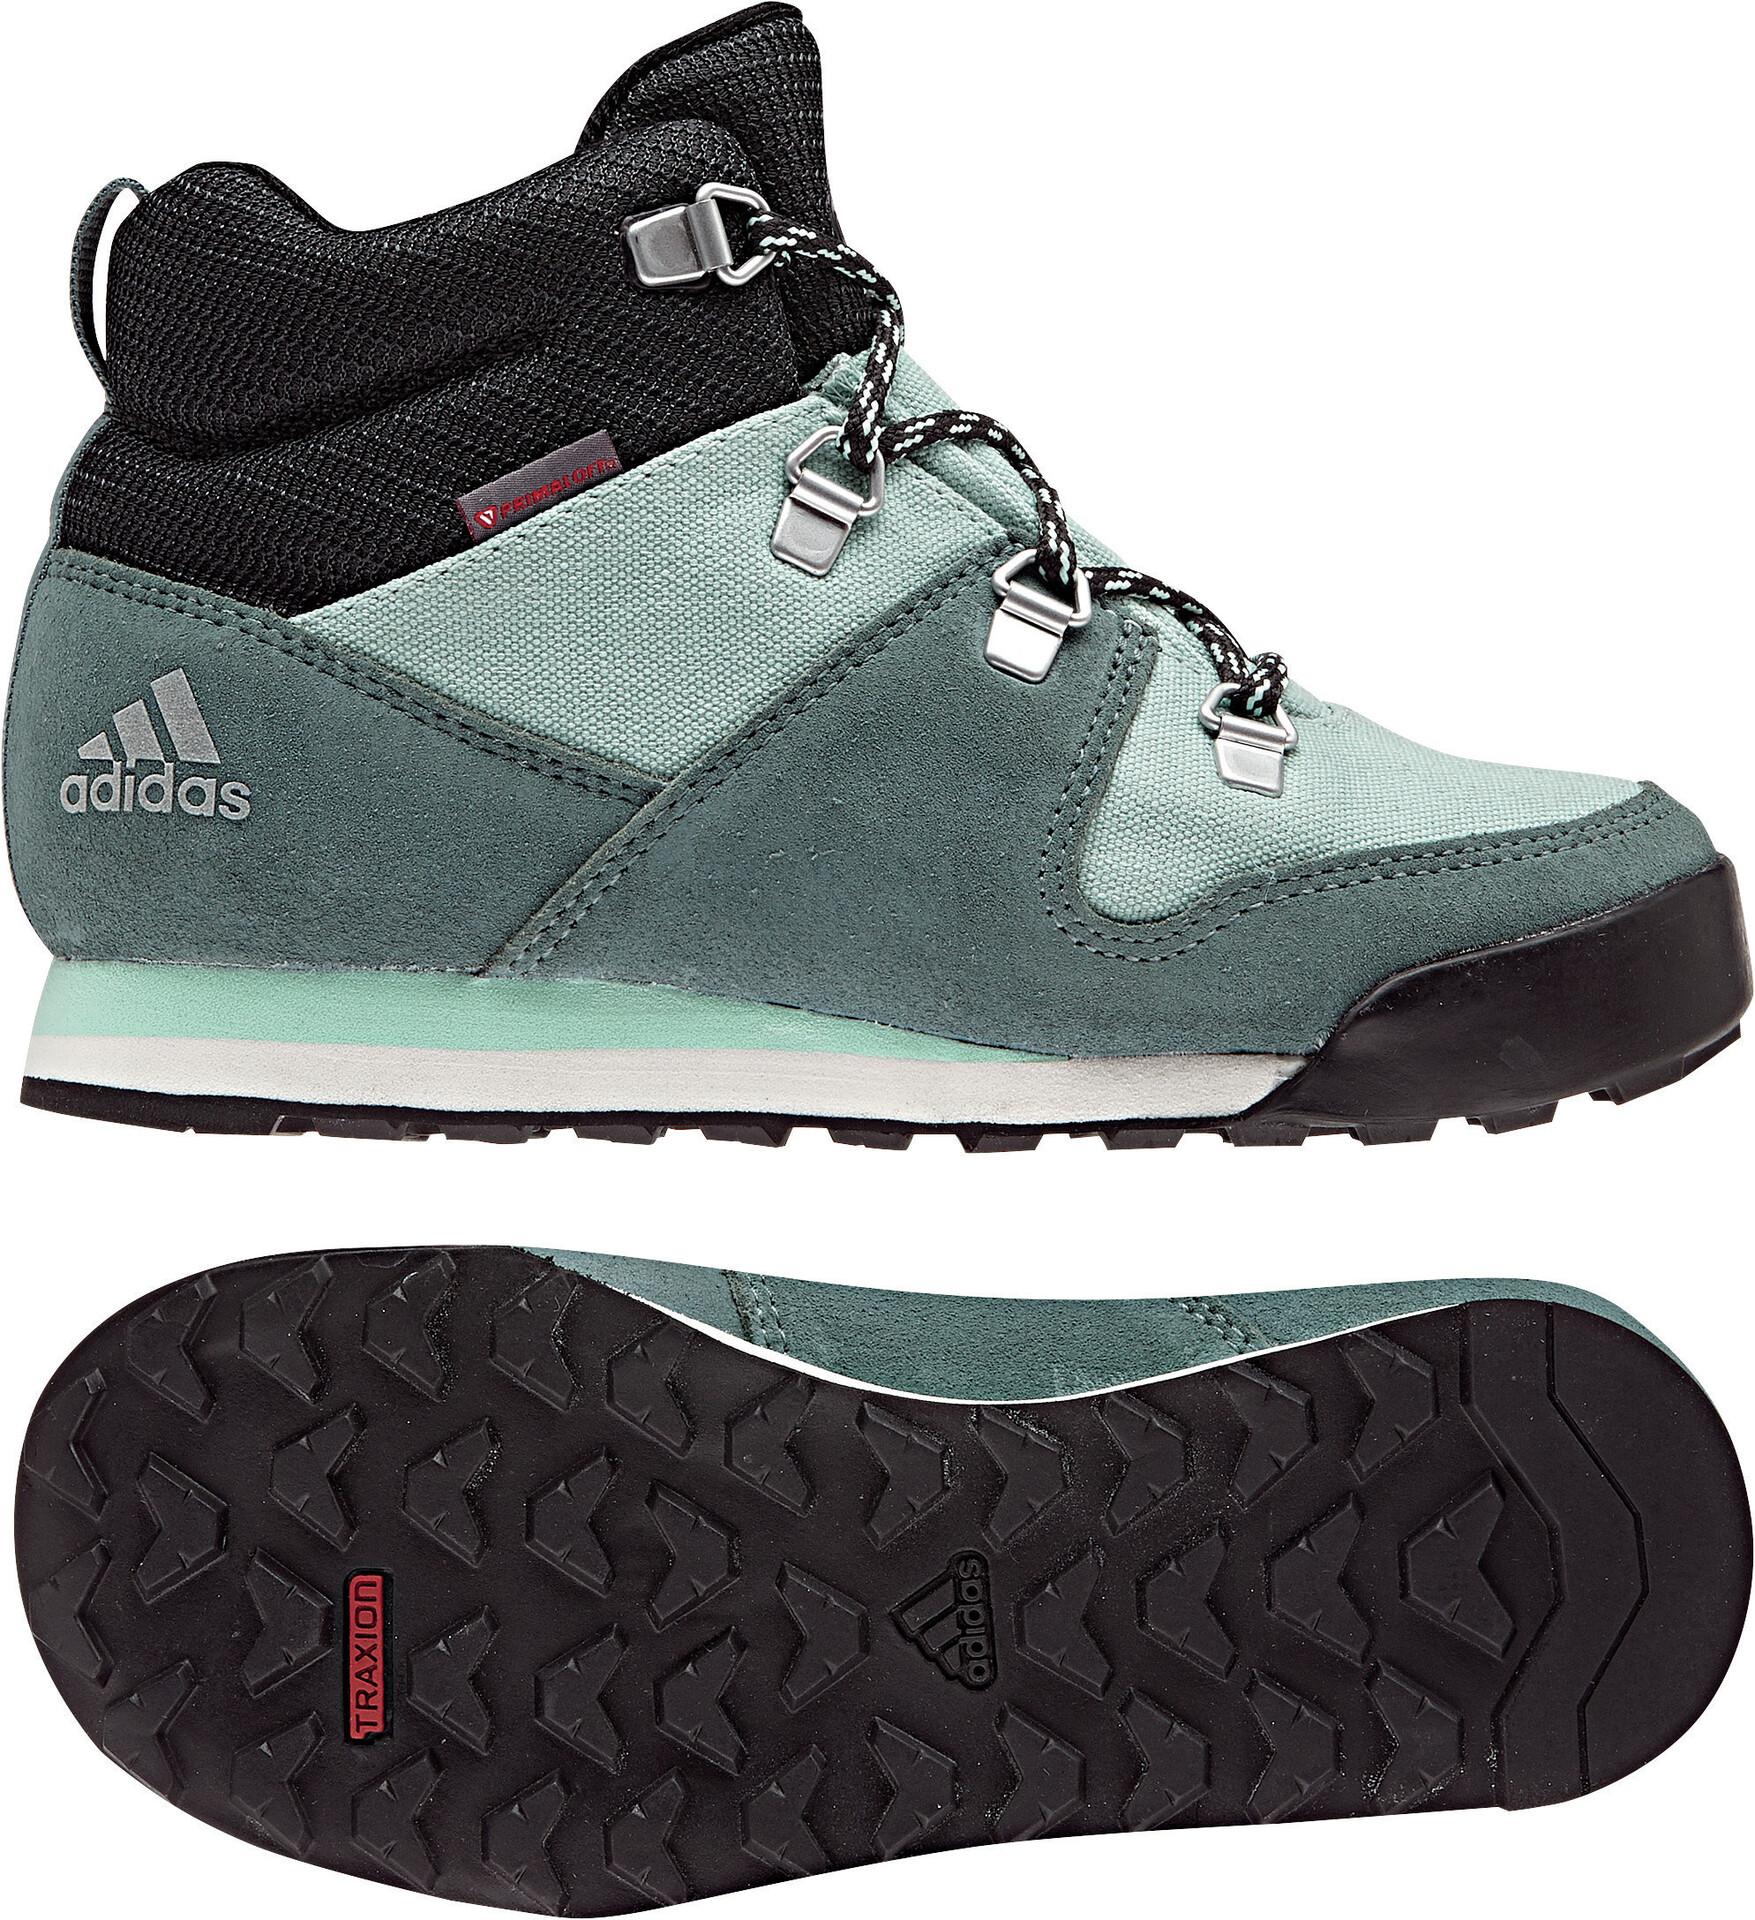 d92af7fa817 ... inexpensive adidas terrex snowpitch sko børn blå sort 3dcbb e6aad